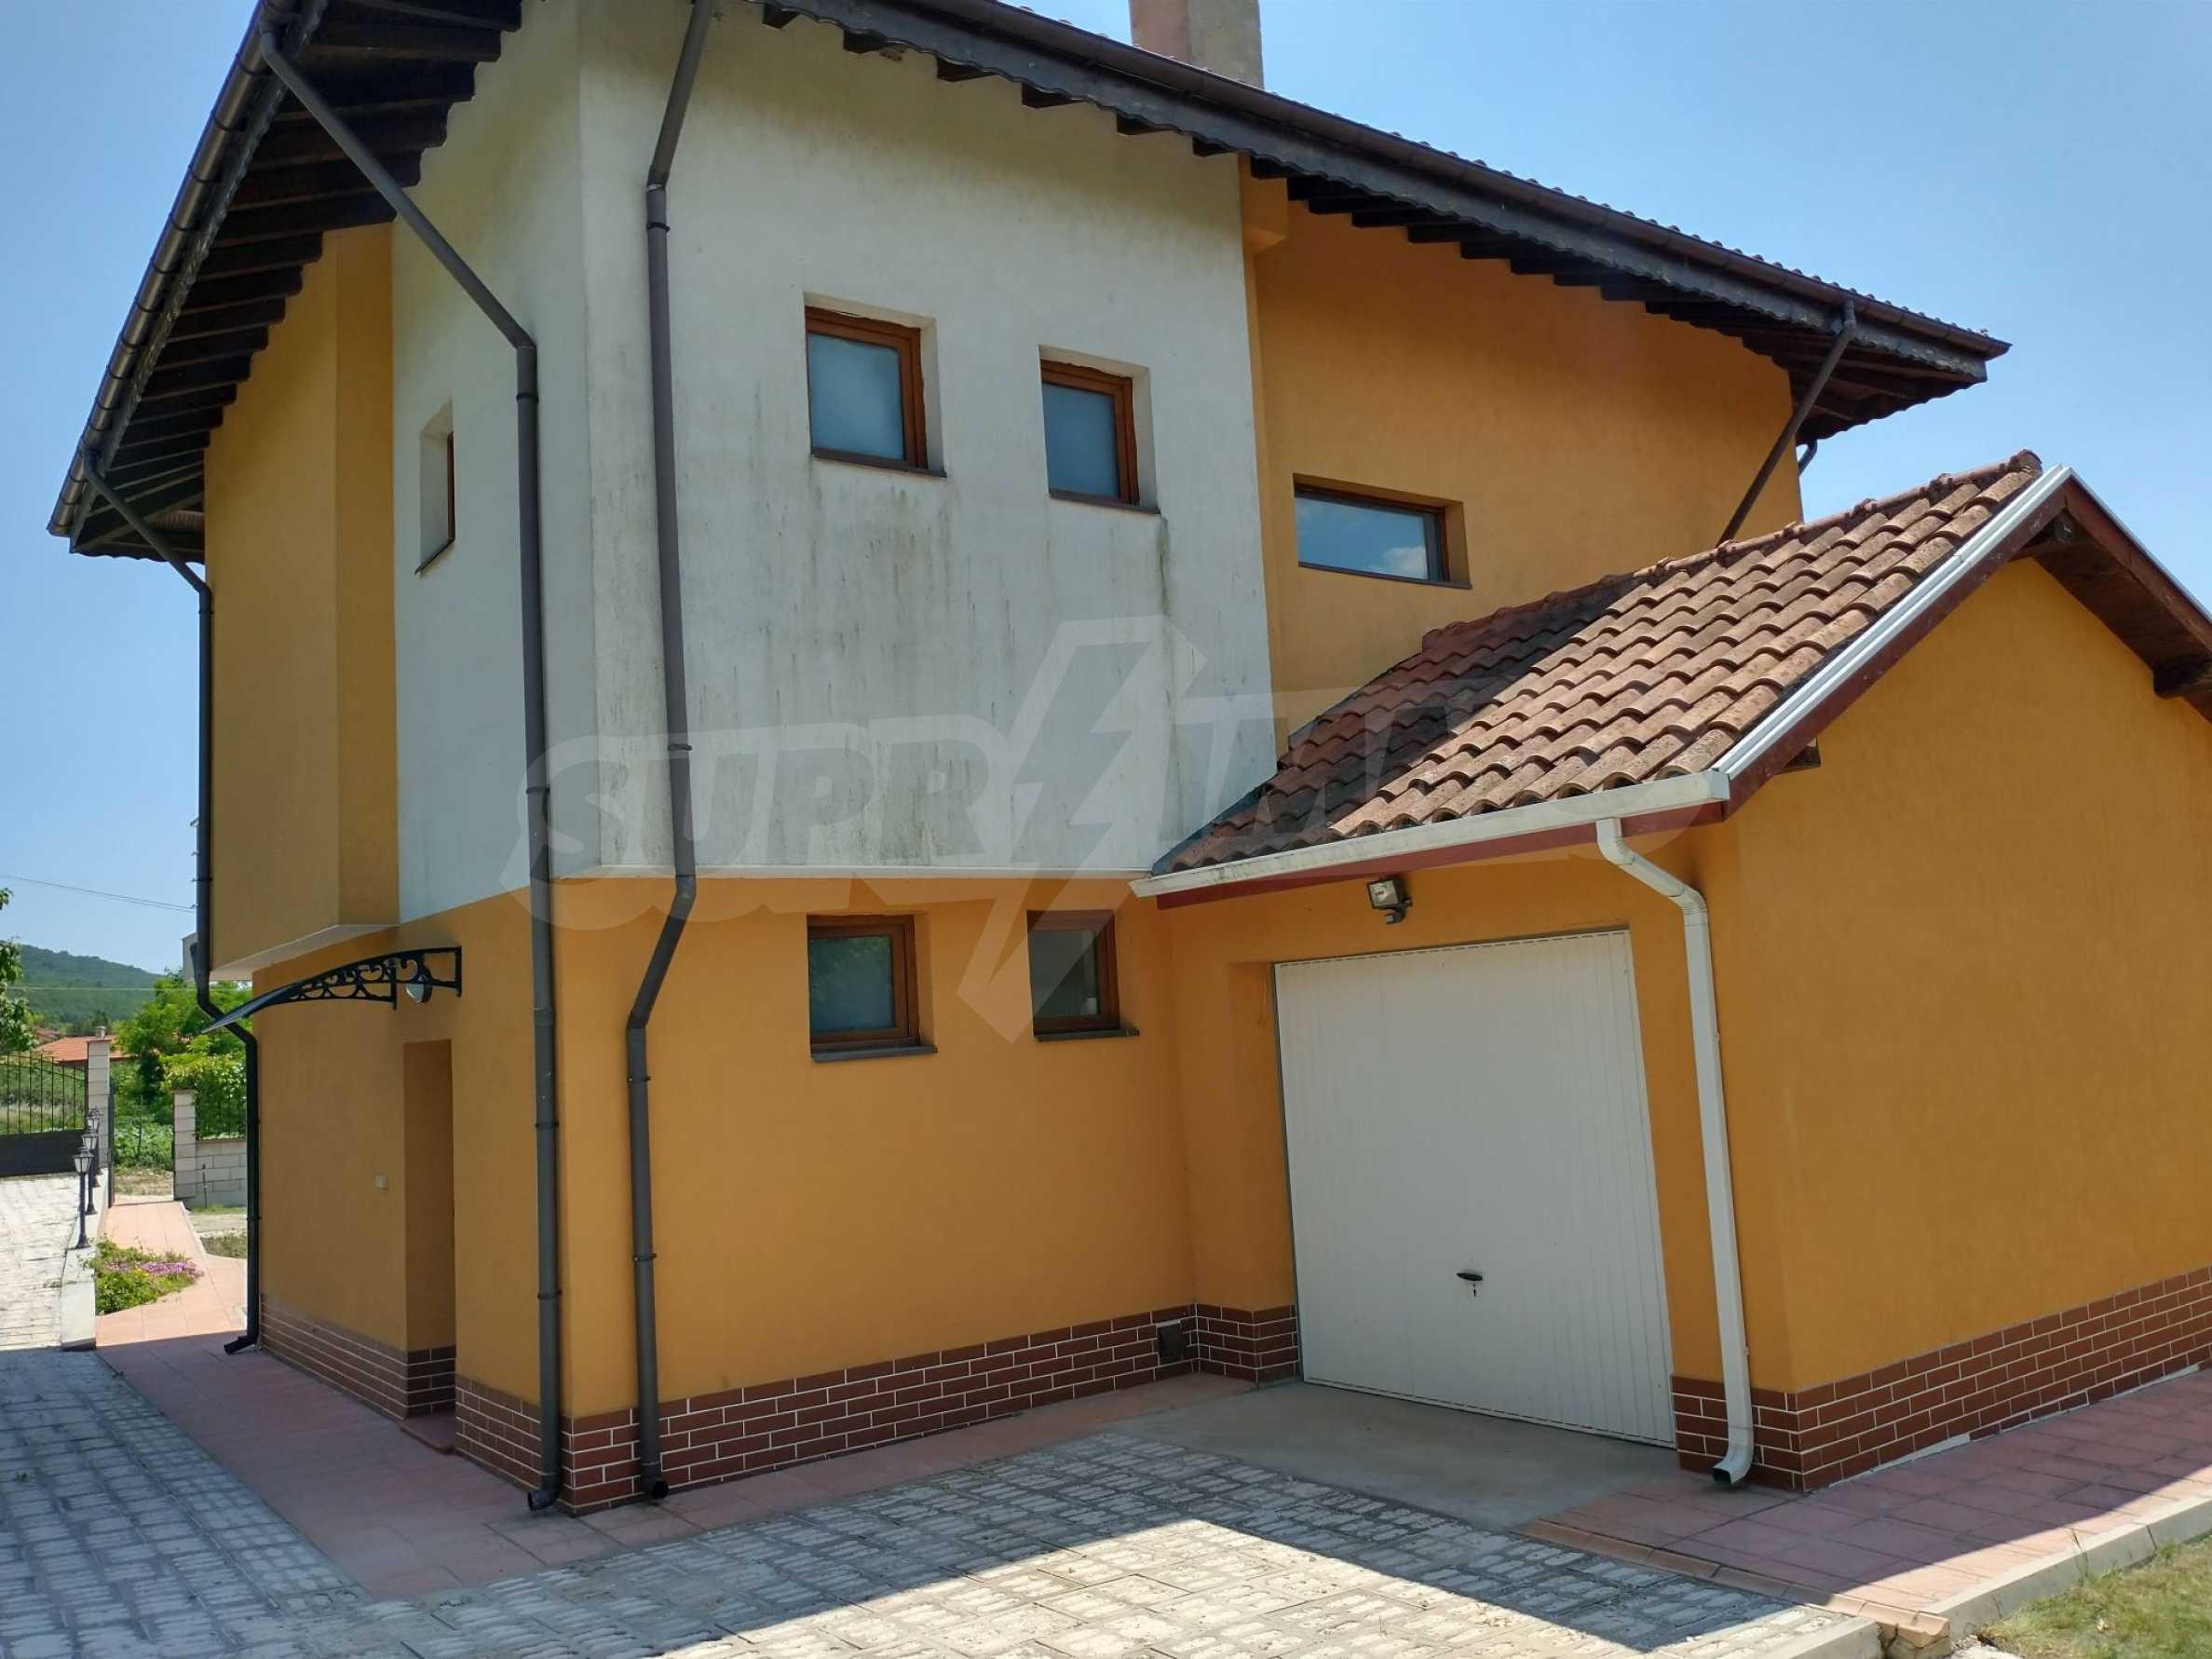 Schönes, dreistöckiges Haus in der Nähe von Warna 17